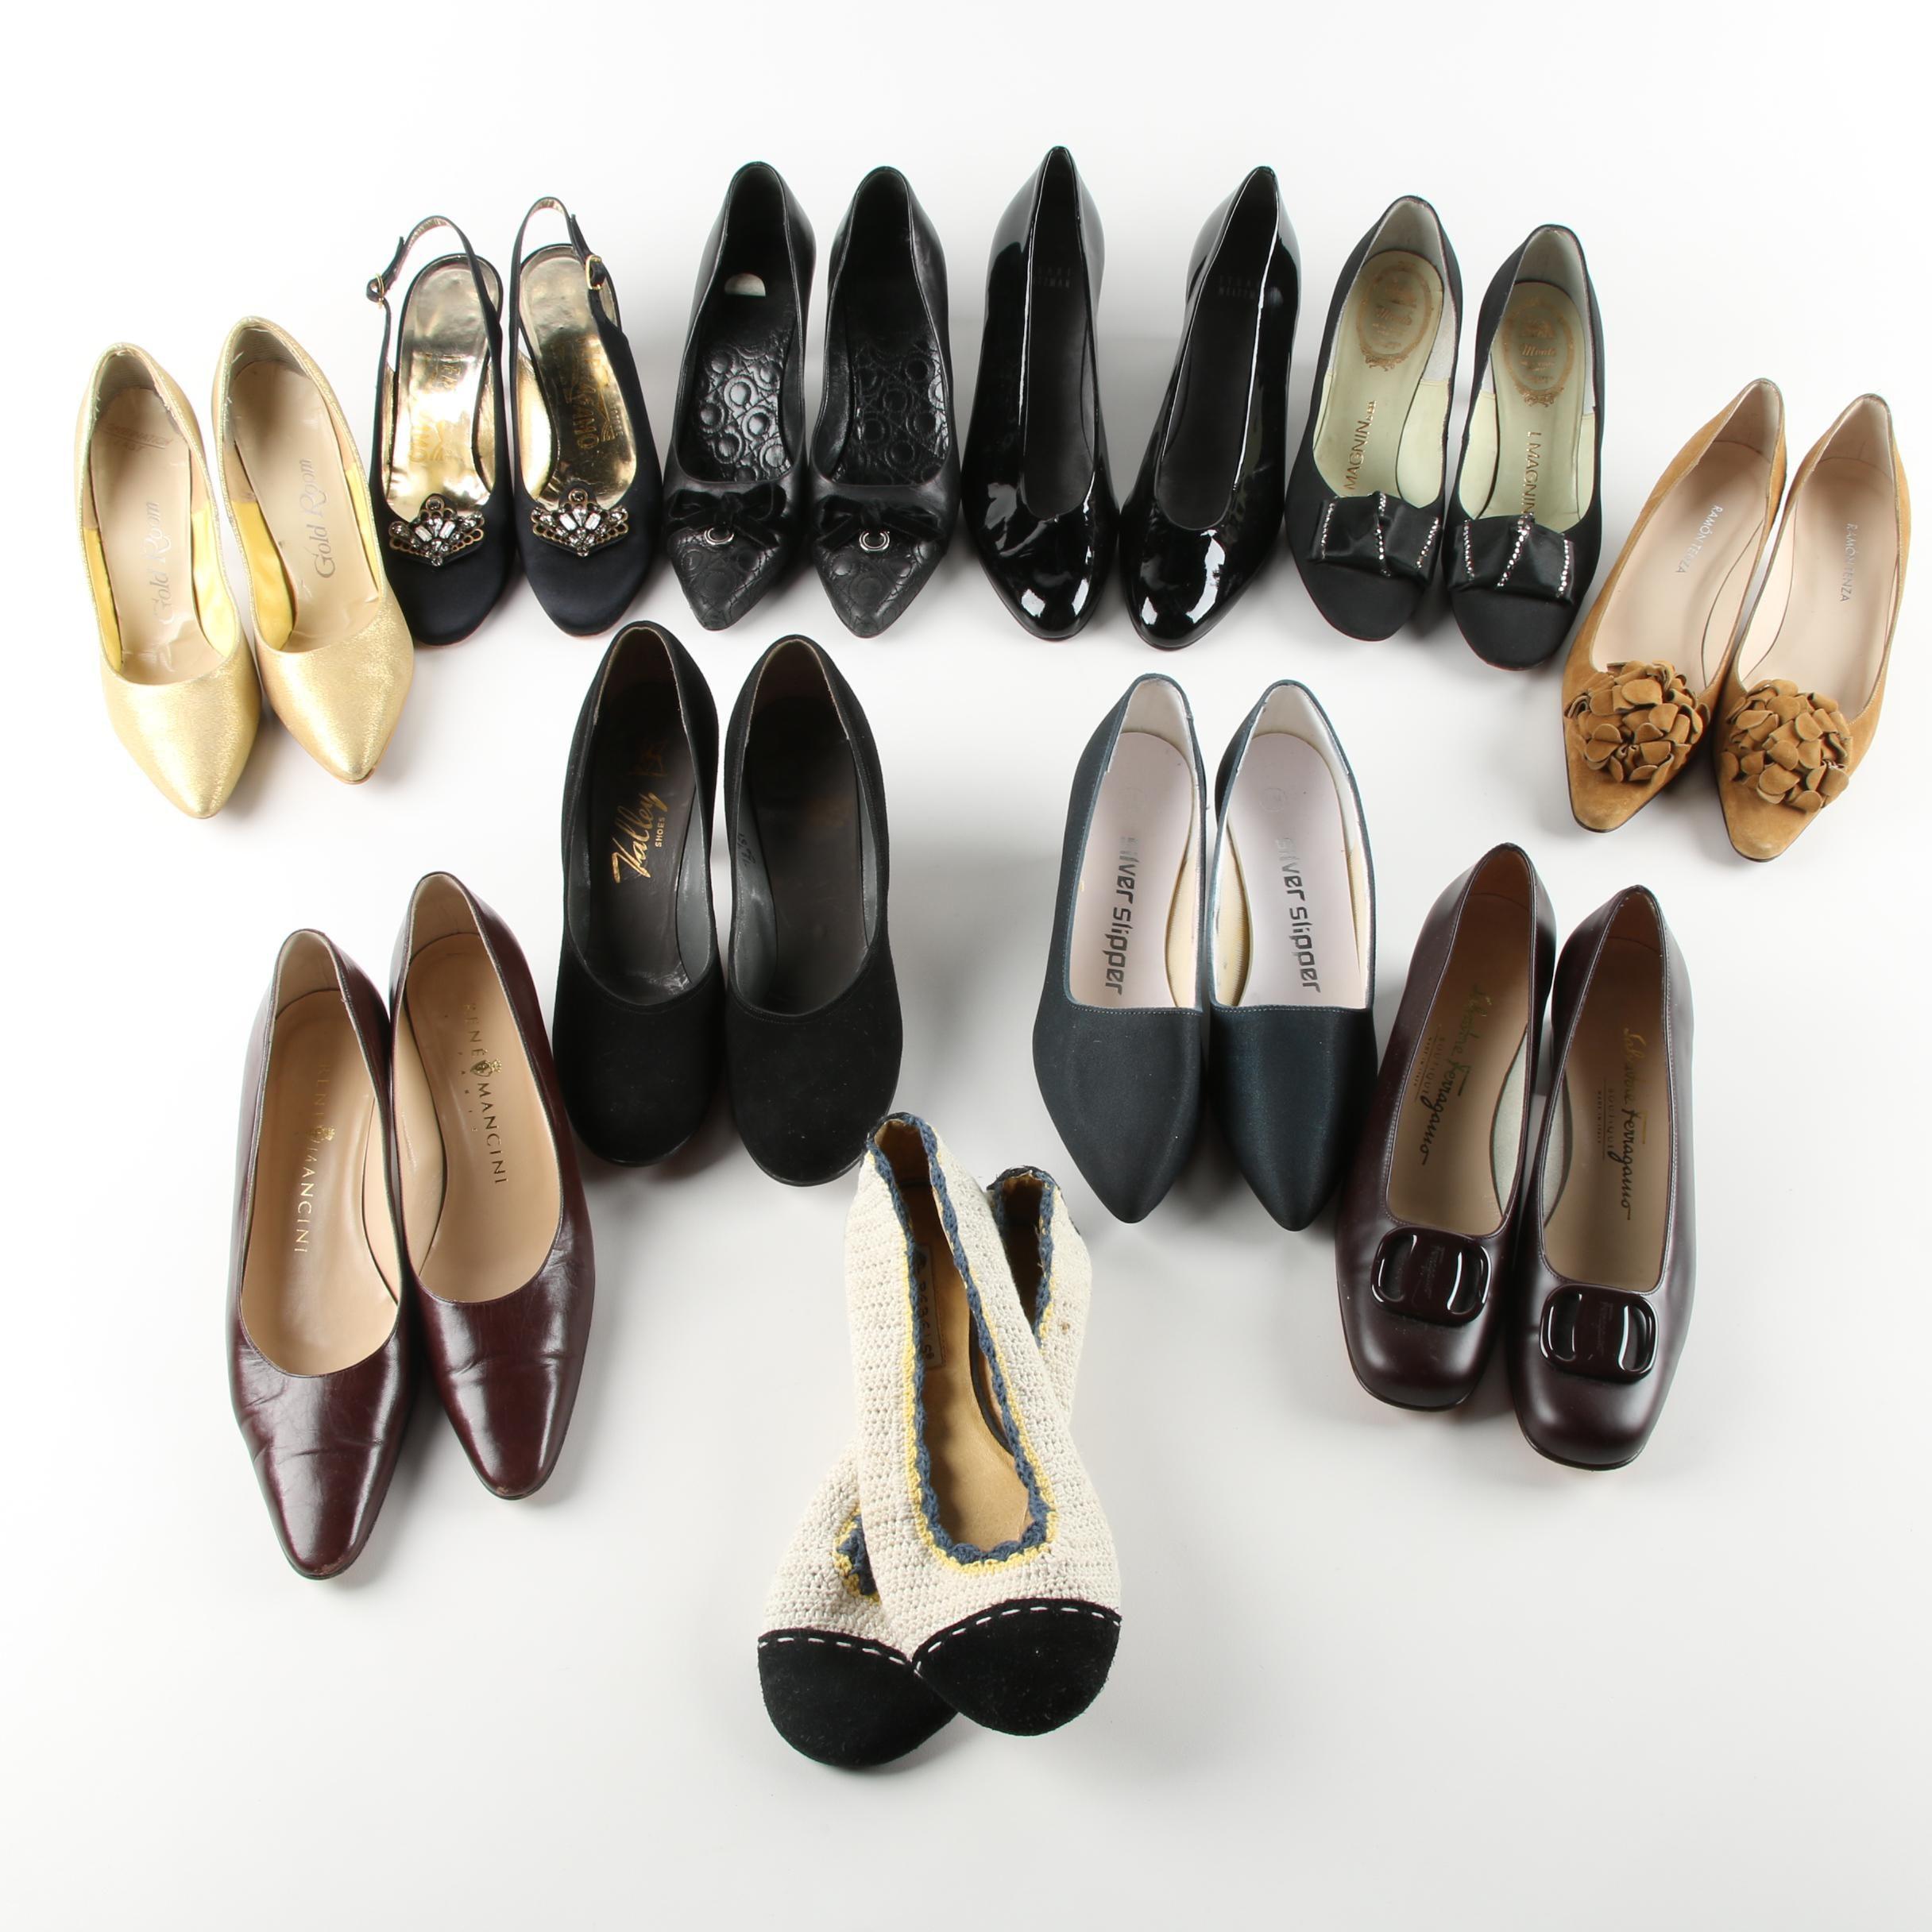 Vintage Heels Including Andrew Geller, Italy, Spain